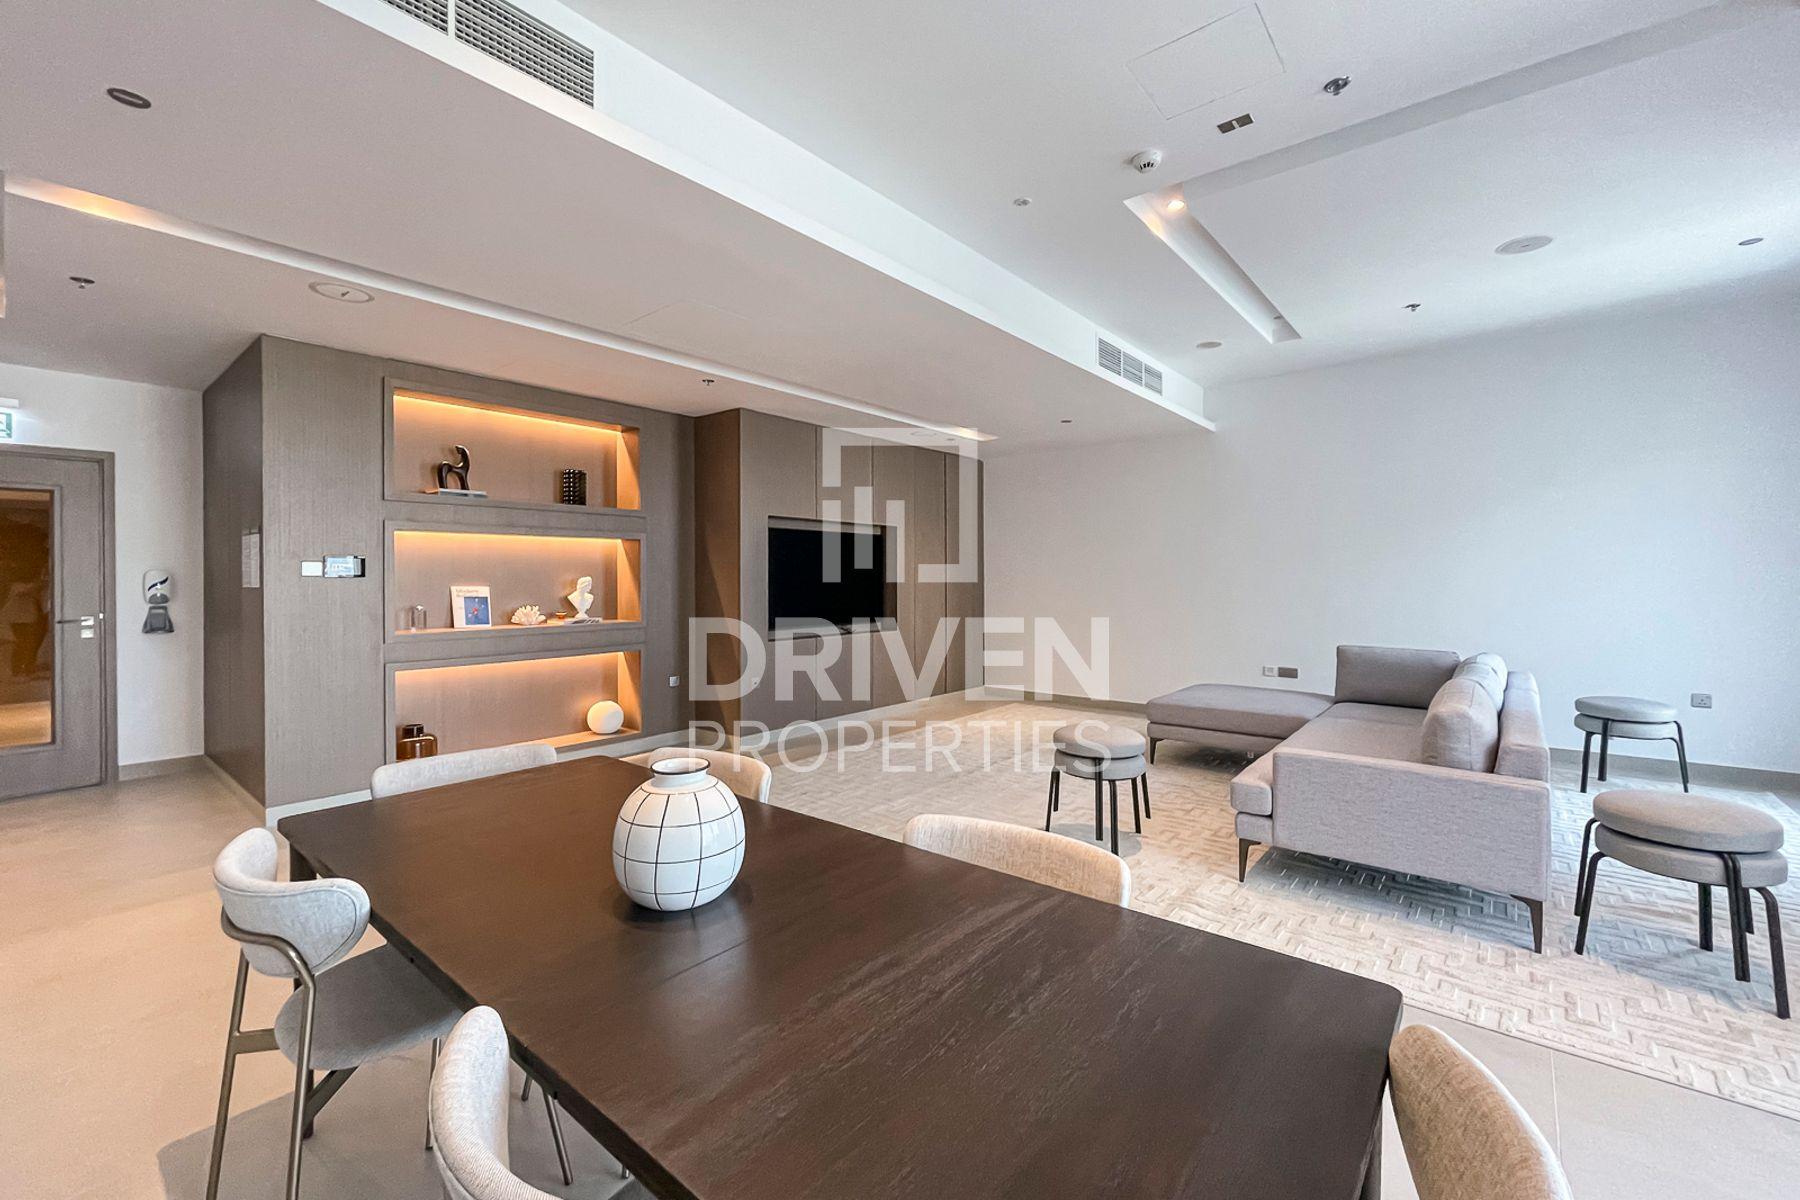 1,139 قدم مربع  شقة - للايجار - ميناء خور دبي